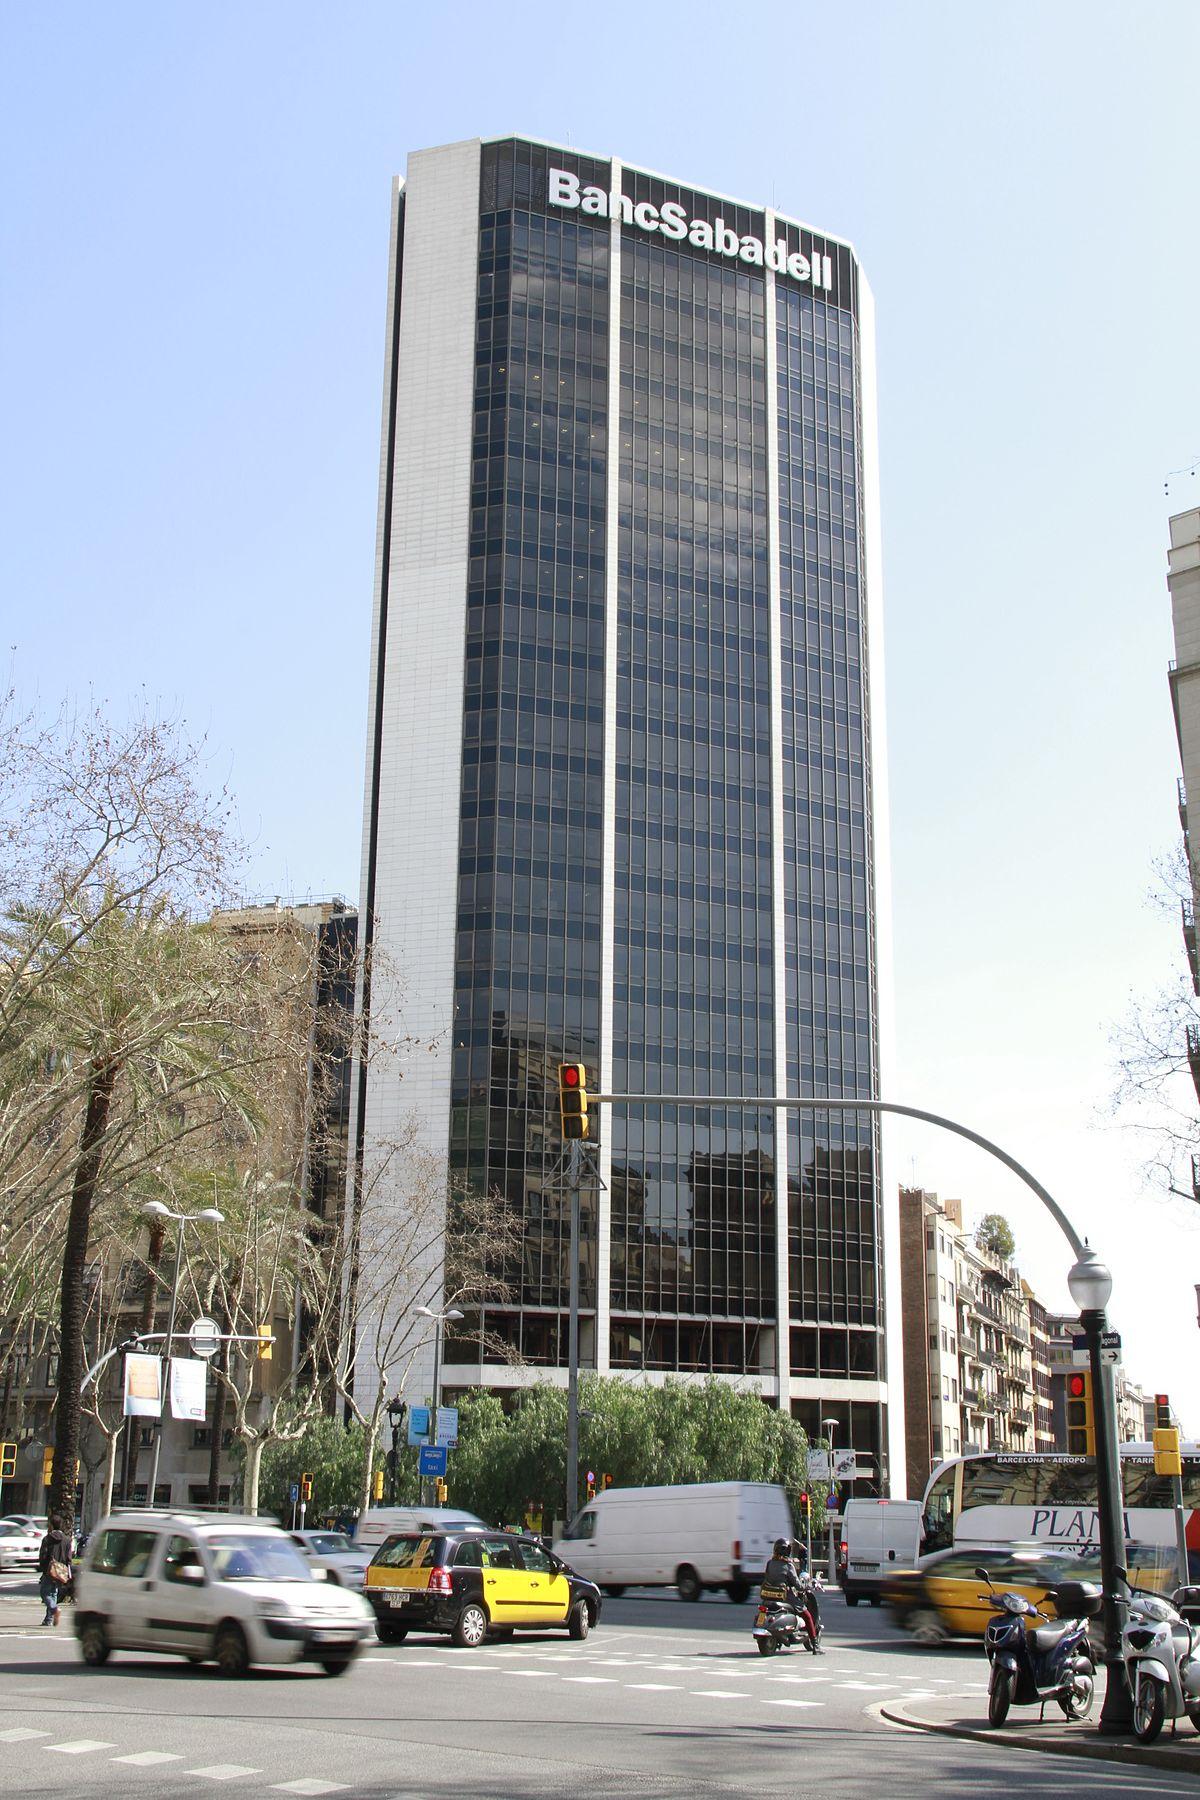 Banco sabadell wikipedia la enciclopedia libre for Oficinas seguridad social barcelona horarios